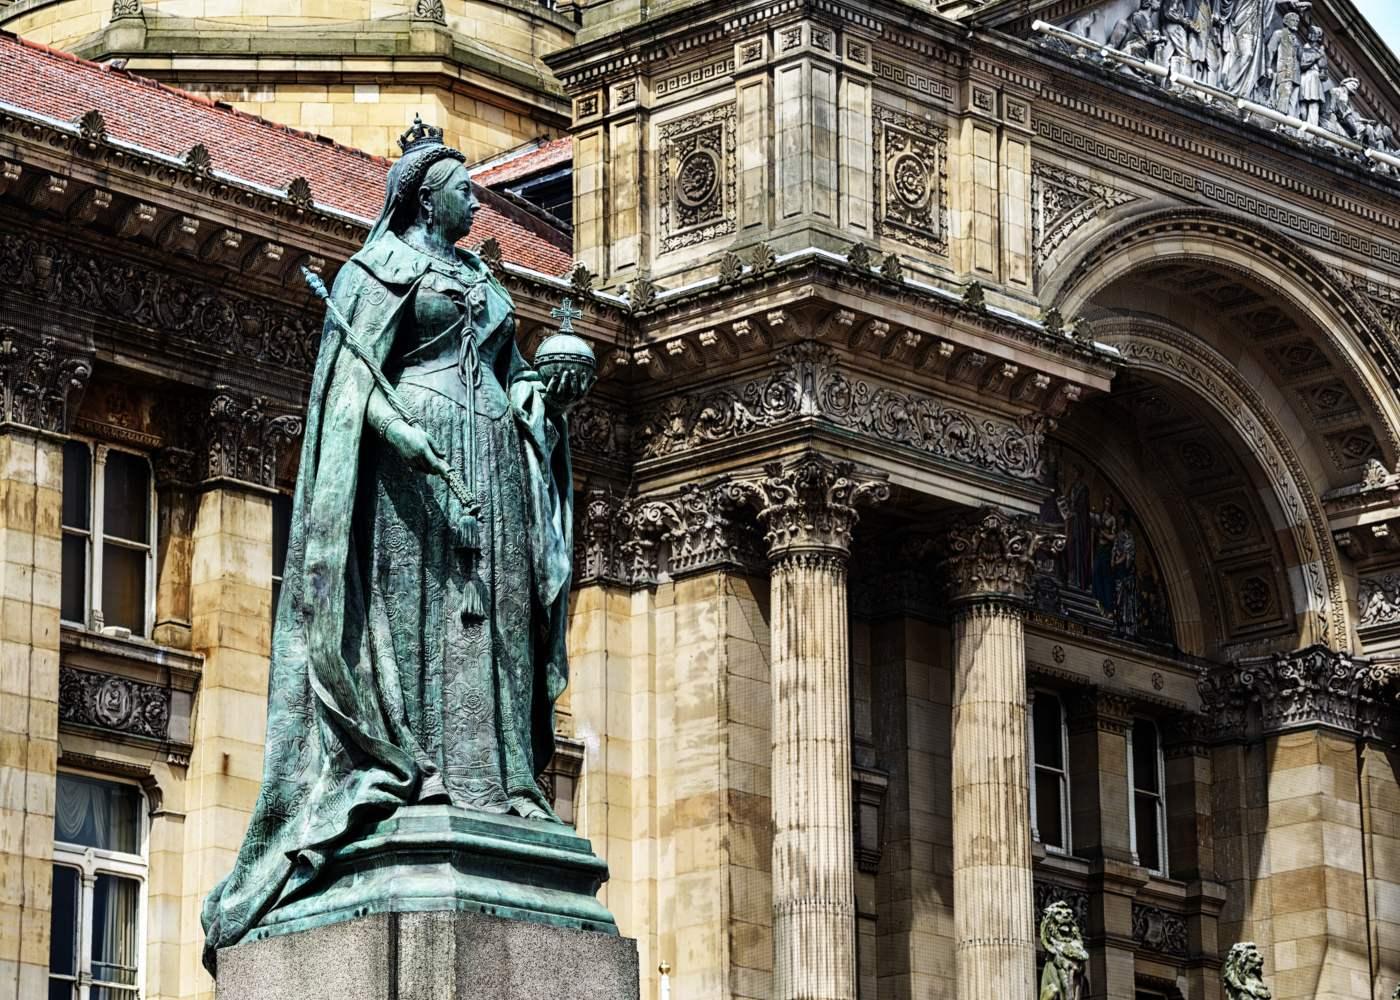 Estátua da rainha Vitória em Birmingham